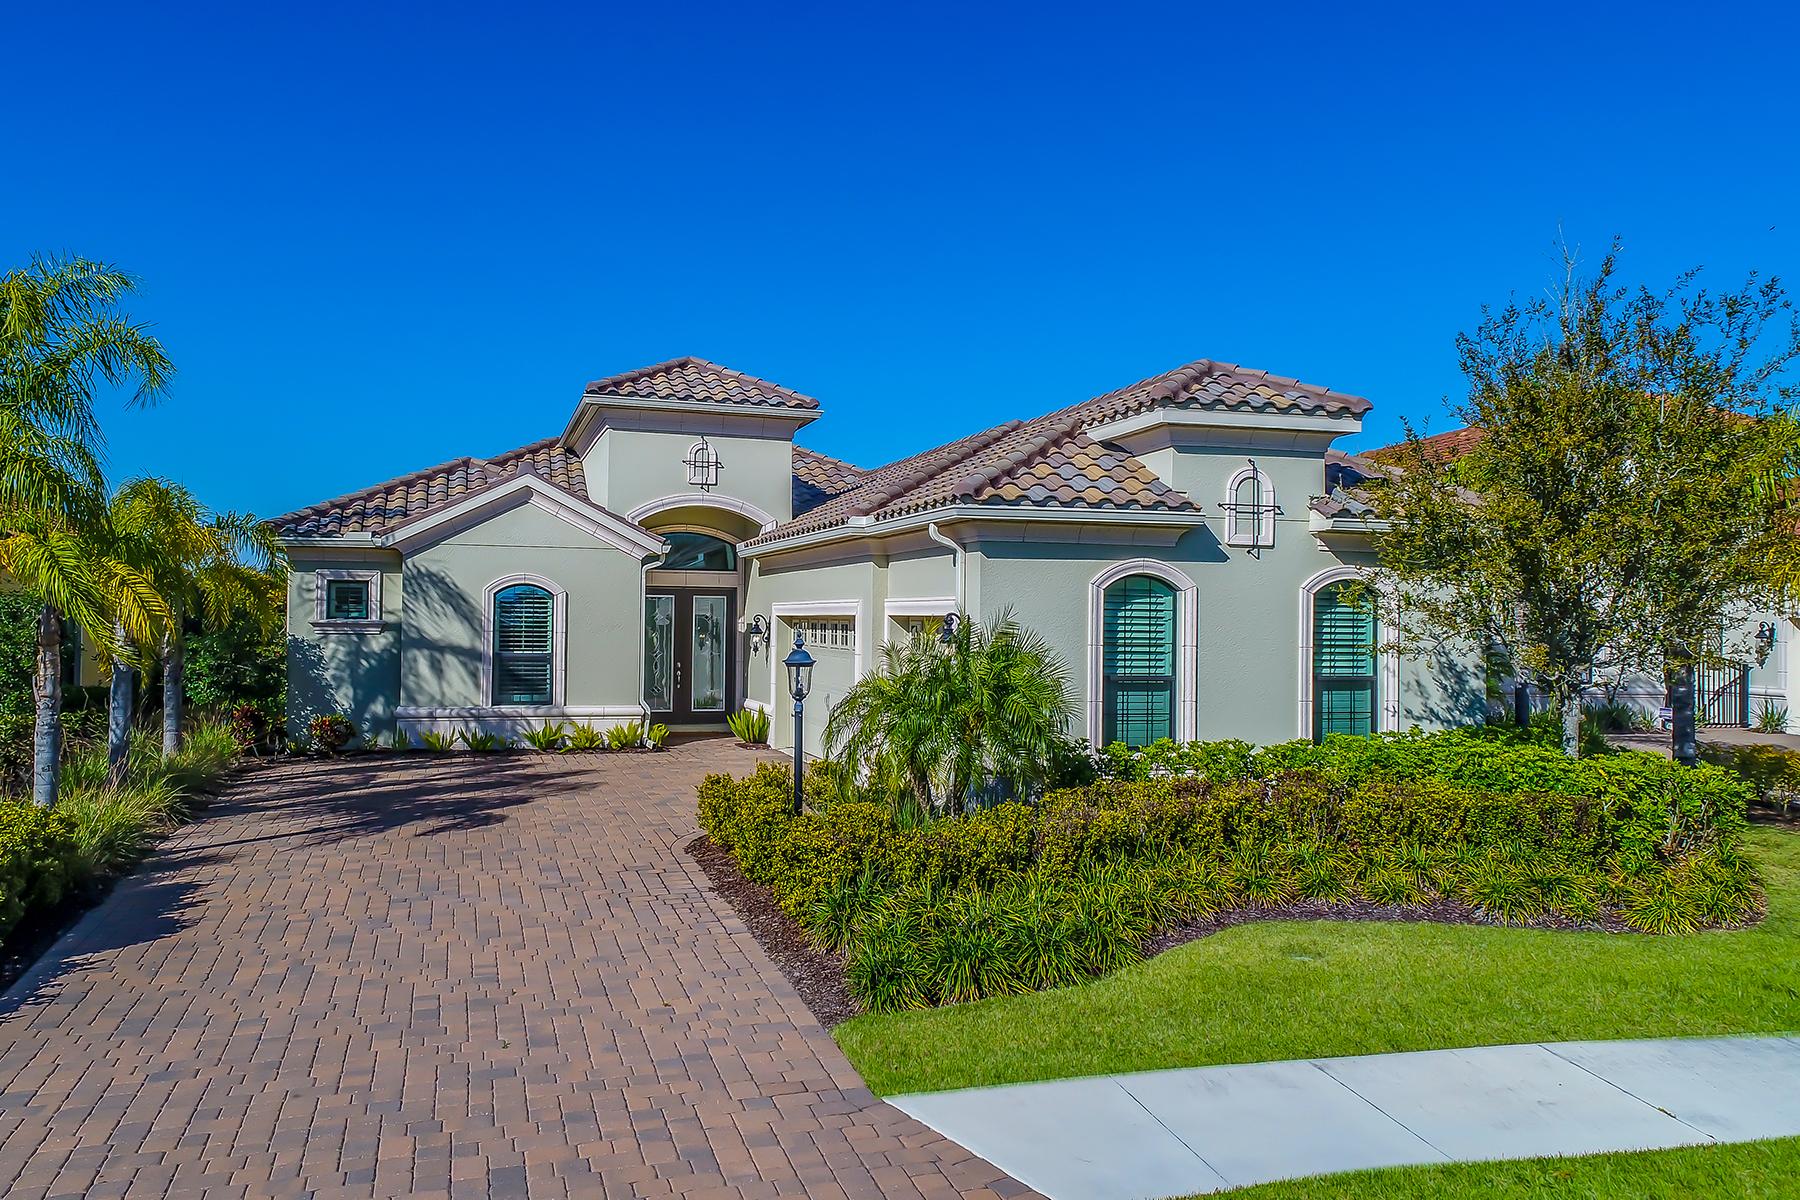 Частный односемейный дом для того Продажа на COUNTRY CLUB EAST 14639 Castle Park Terr, Lakewood Ranch, Флорида, 34202 Соединенные Штаты